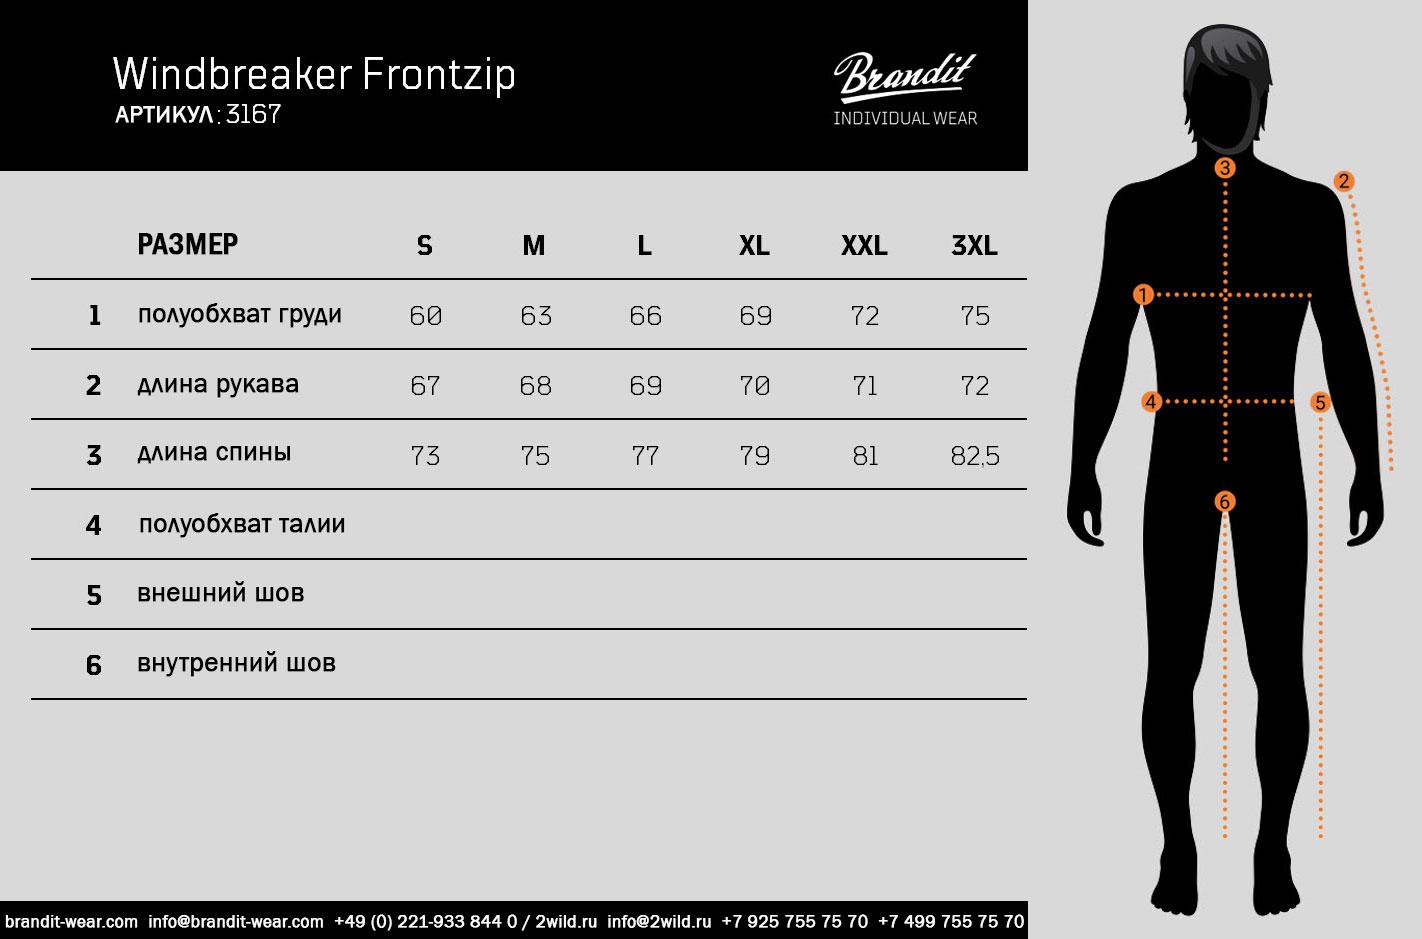 Куртка Brandit Windbreaker Frontzip размеры